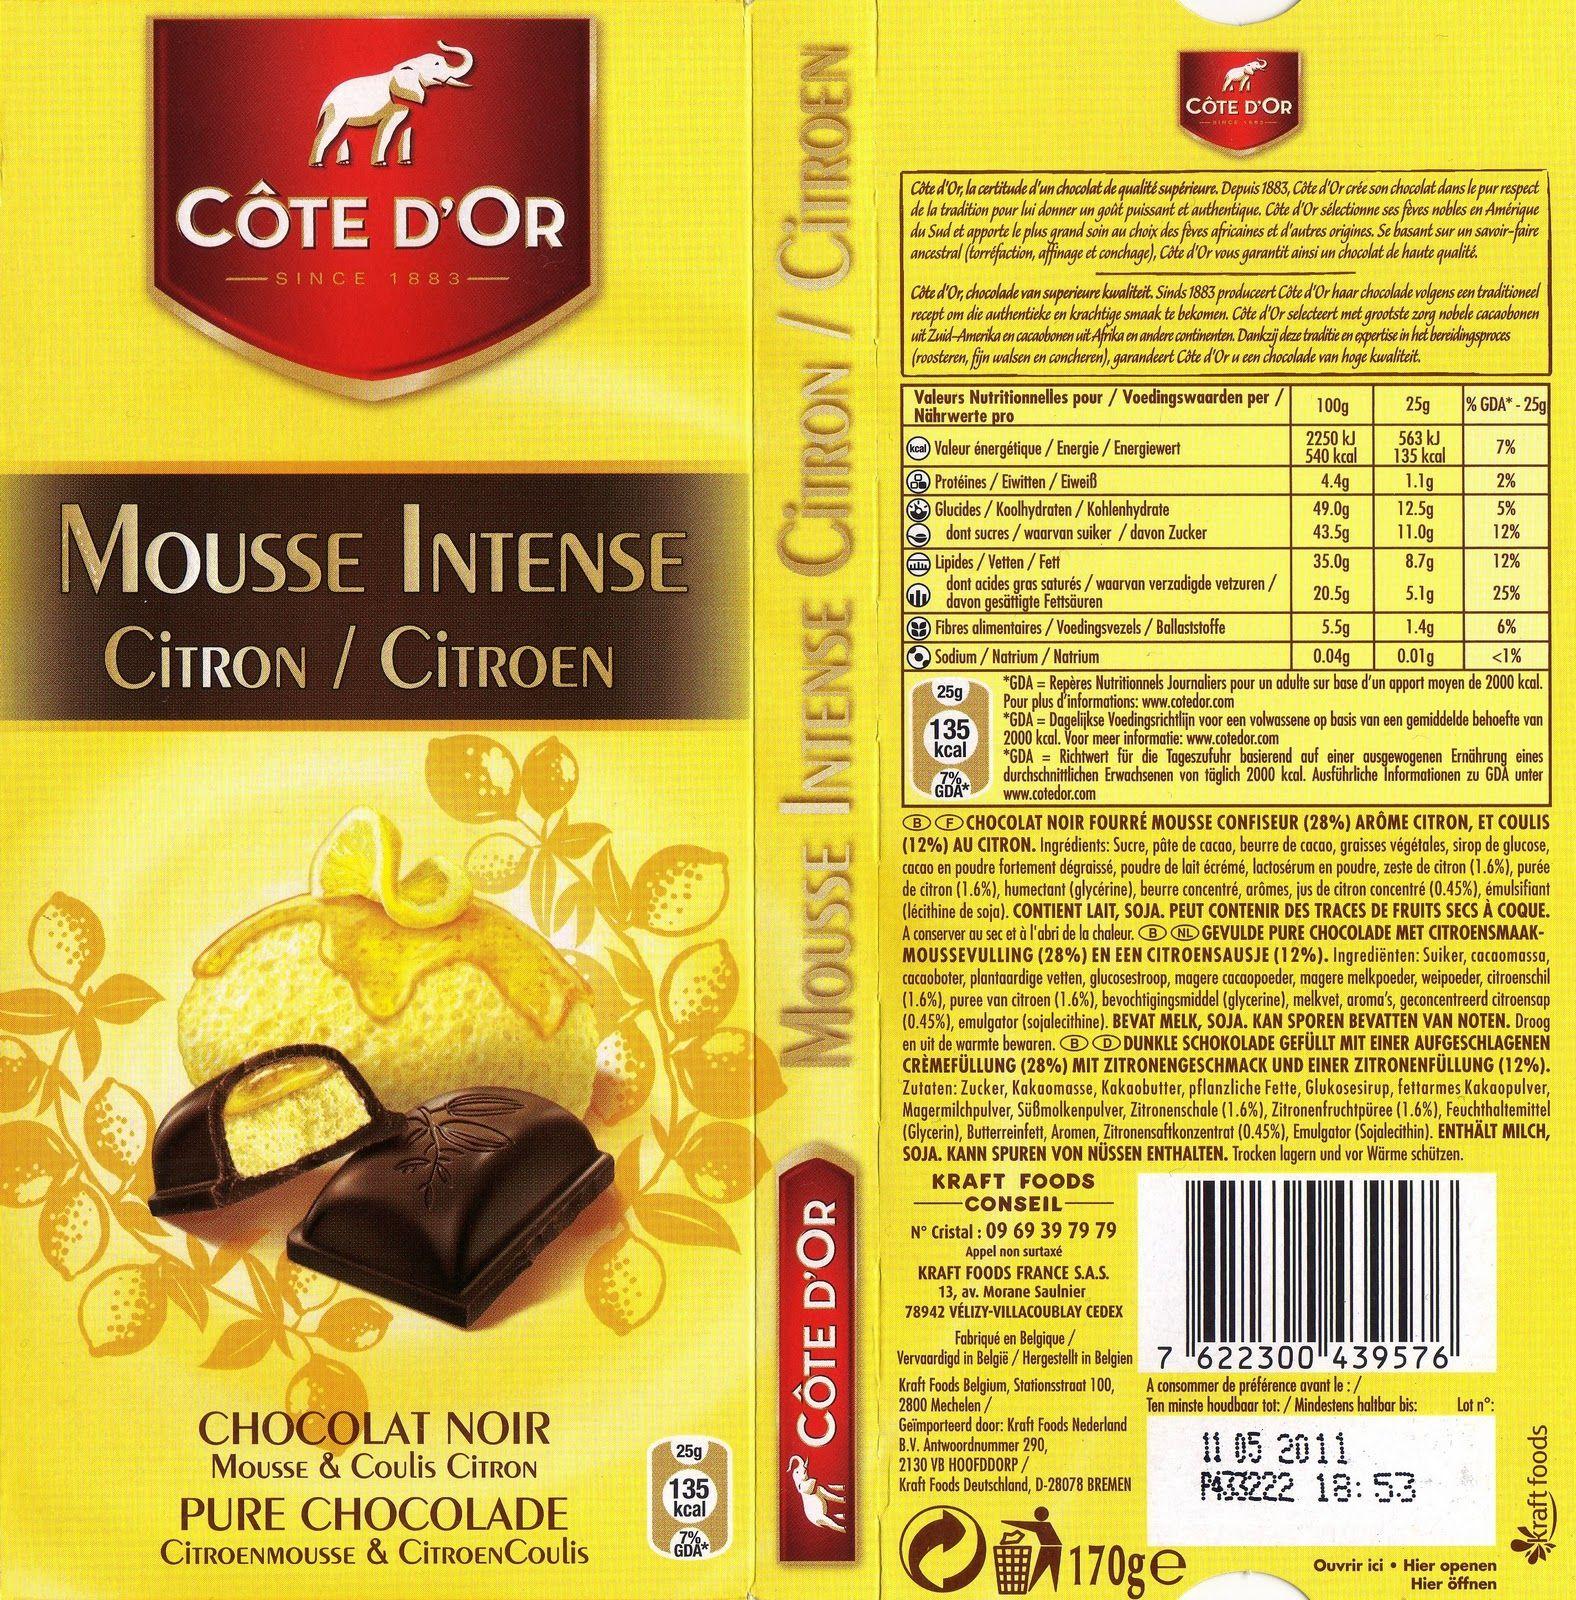 tablette de chocolat noir fourré côte d'or mousse intense citron